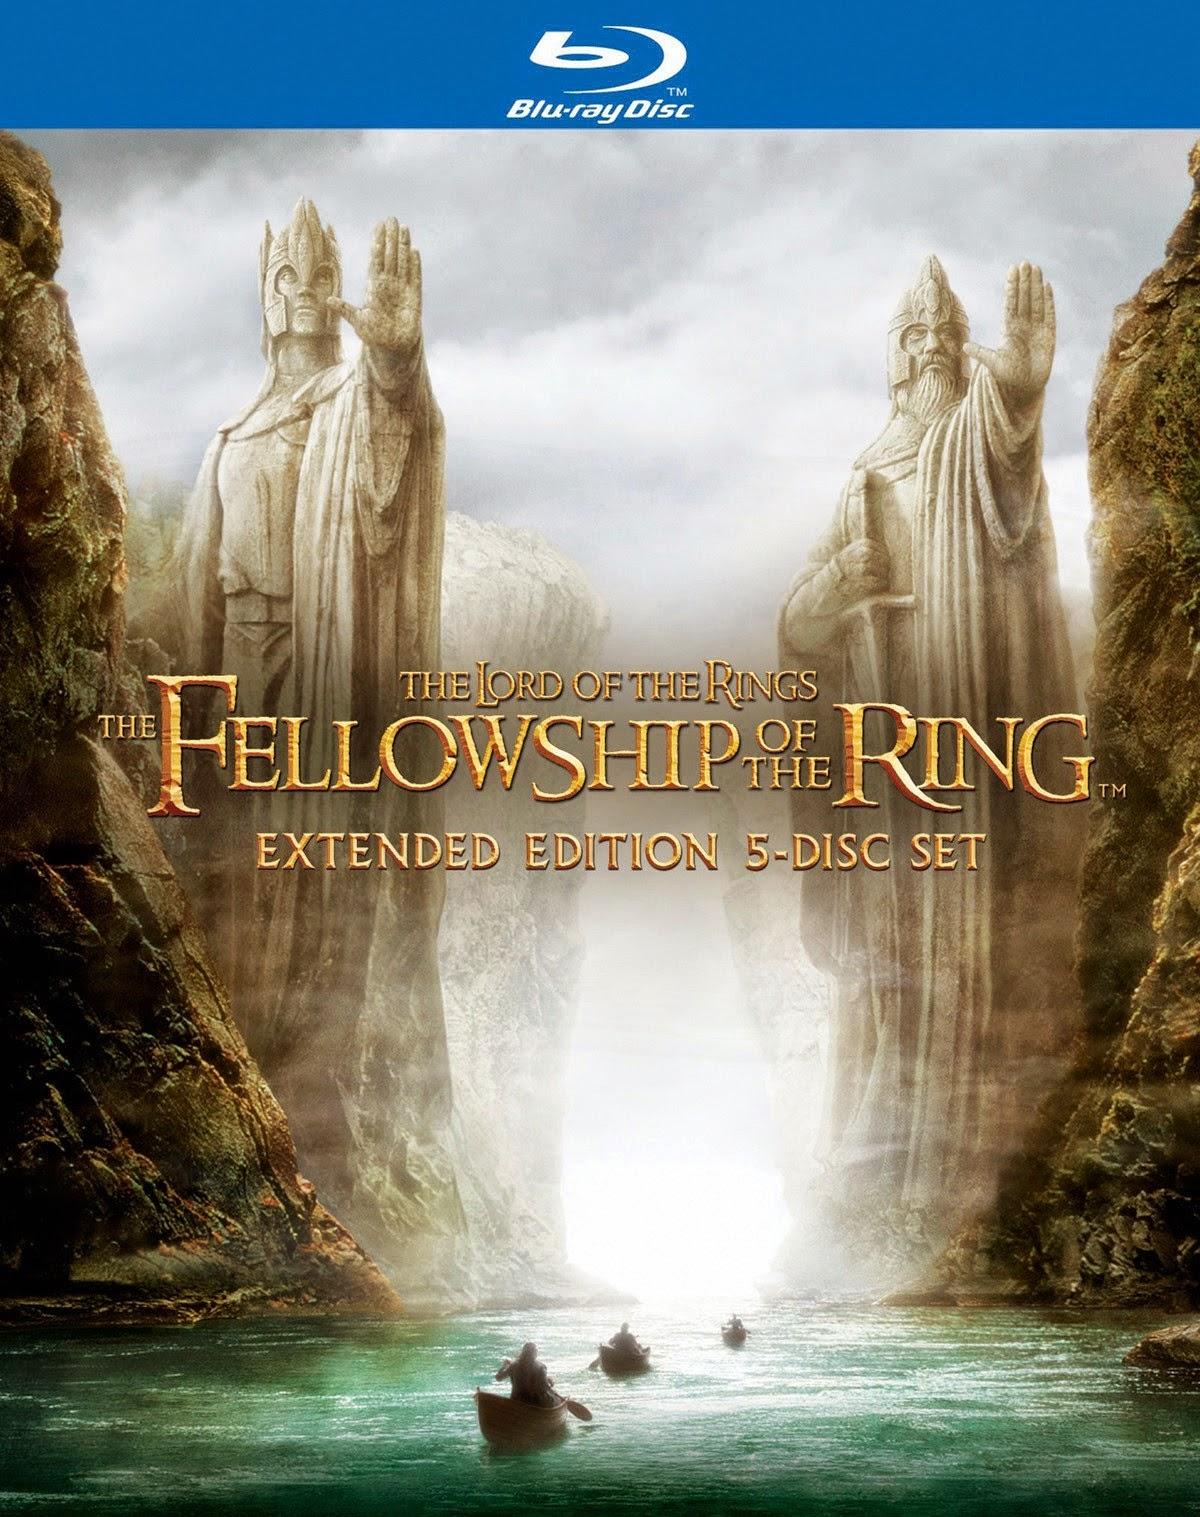 The Lord of the Rings The Fellowship of the Ring 2001 เดอะลอร์ดออฟเดอะริงส์ ภาคที่ 1 ตอน อภินิหารแหวนครองพิภพ